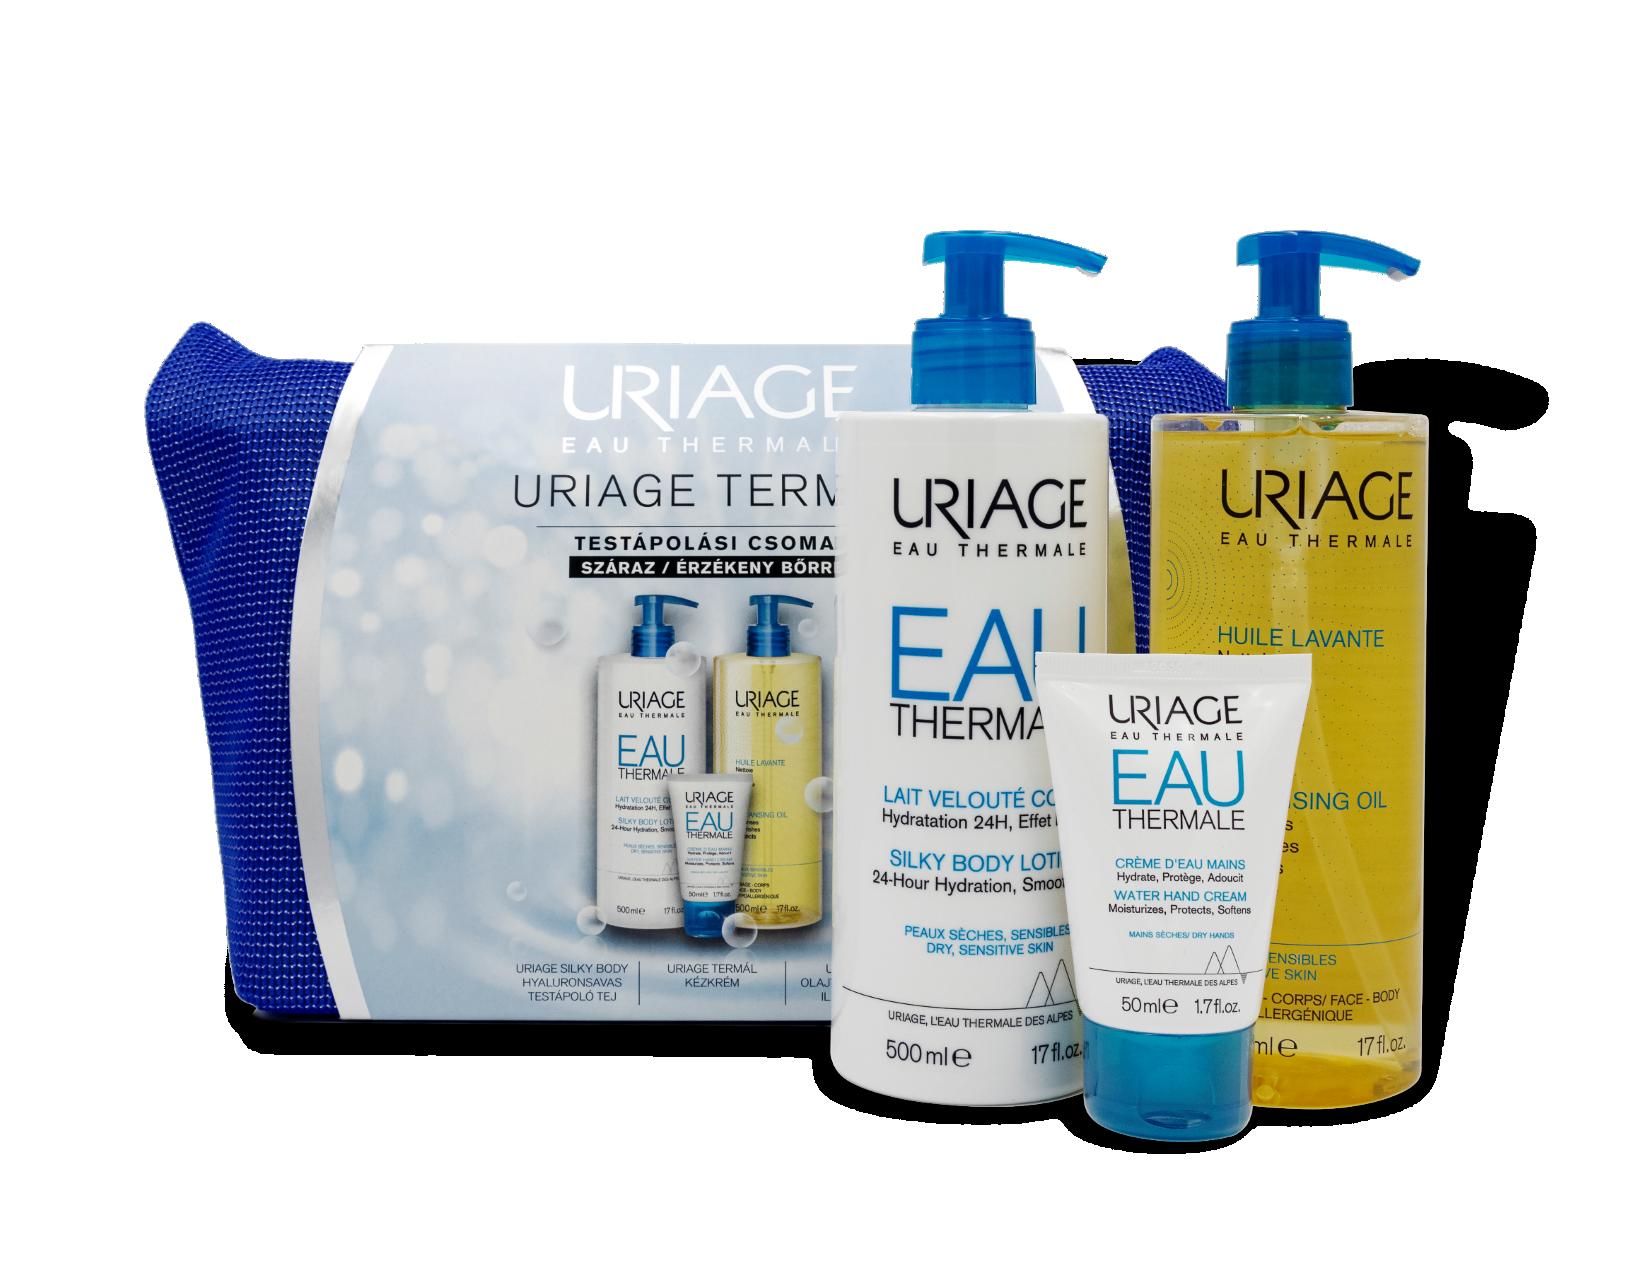 Uriage Termál Testápolási Csomag Száraz/Érzékeny Bőrre 1x